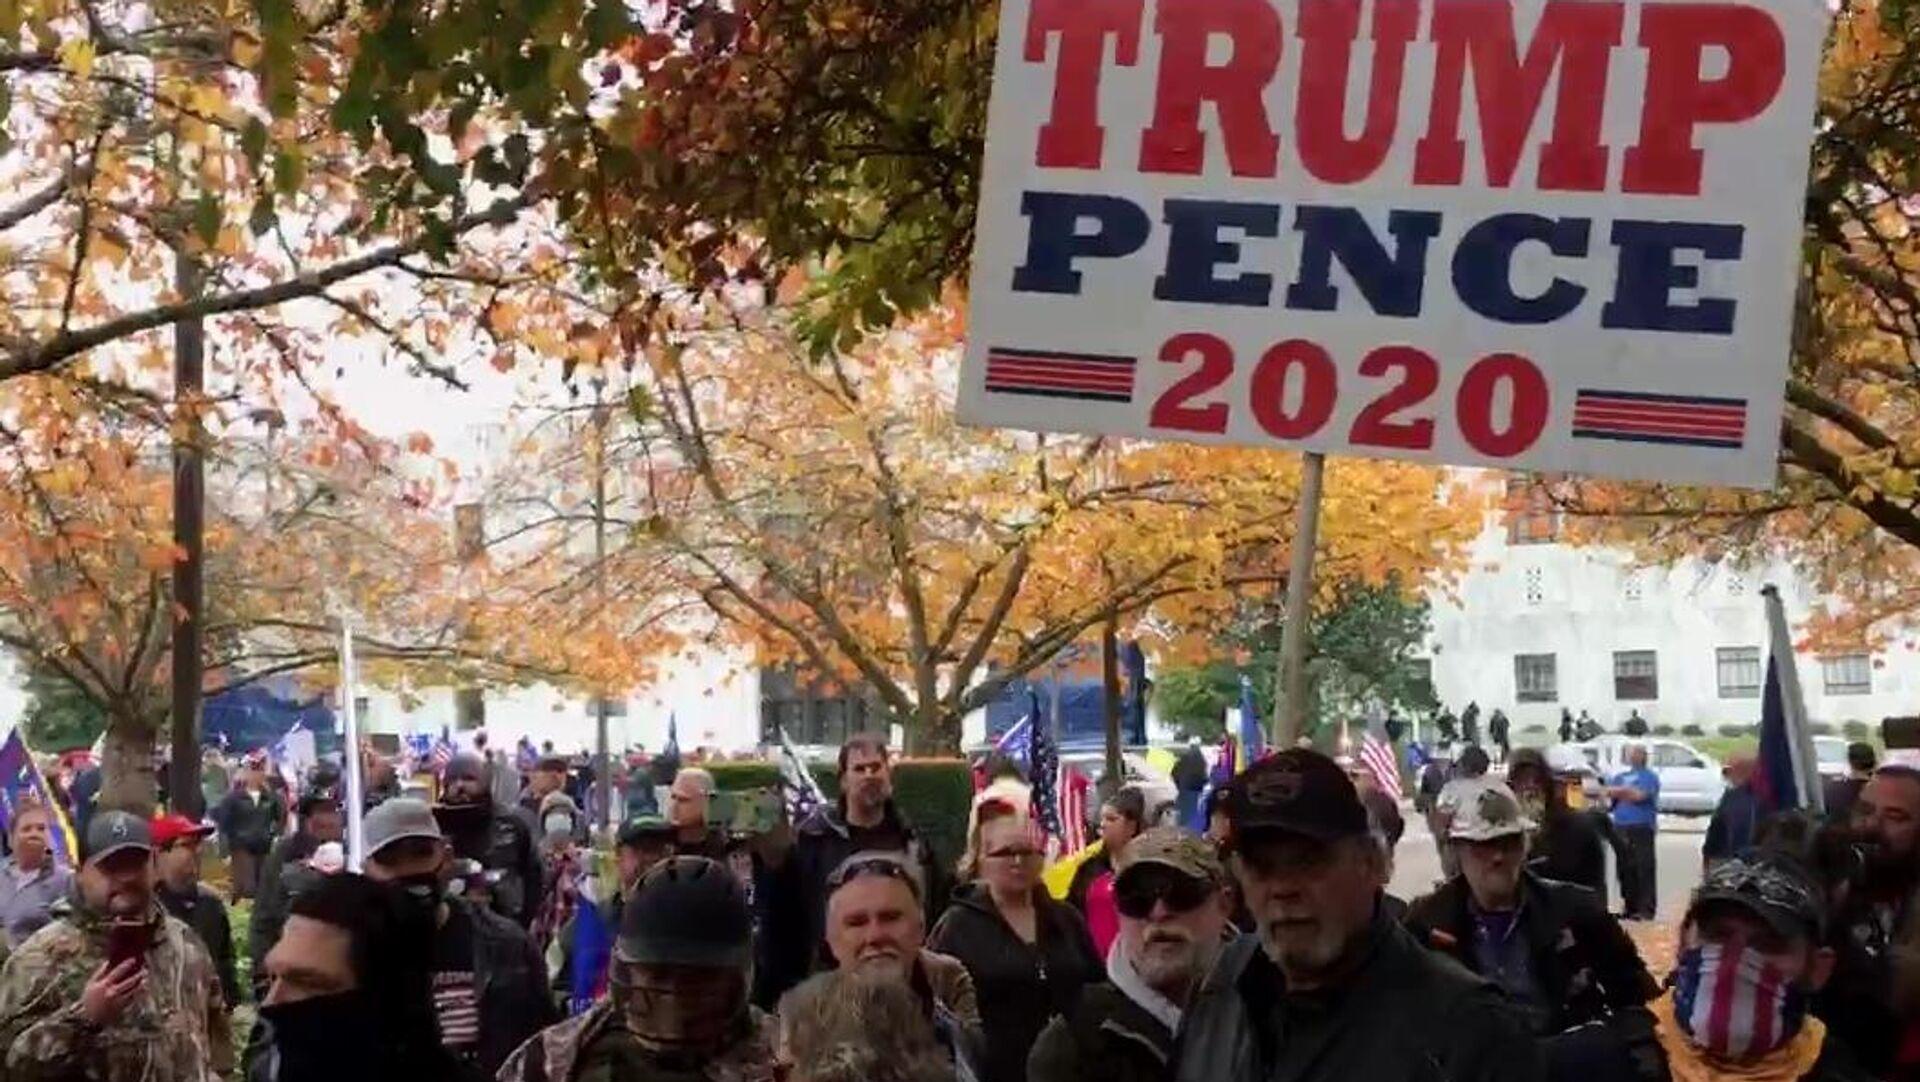 Митинг в поддержку действующего президента США Дональда Трампа в Салеме, столице штата Орегон - РИА Новости, 1920, 22.11.2020